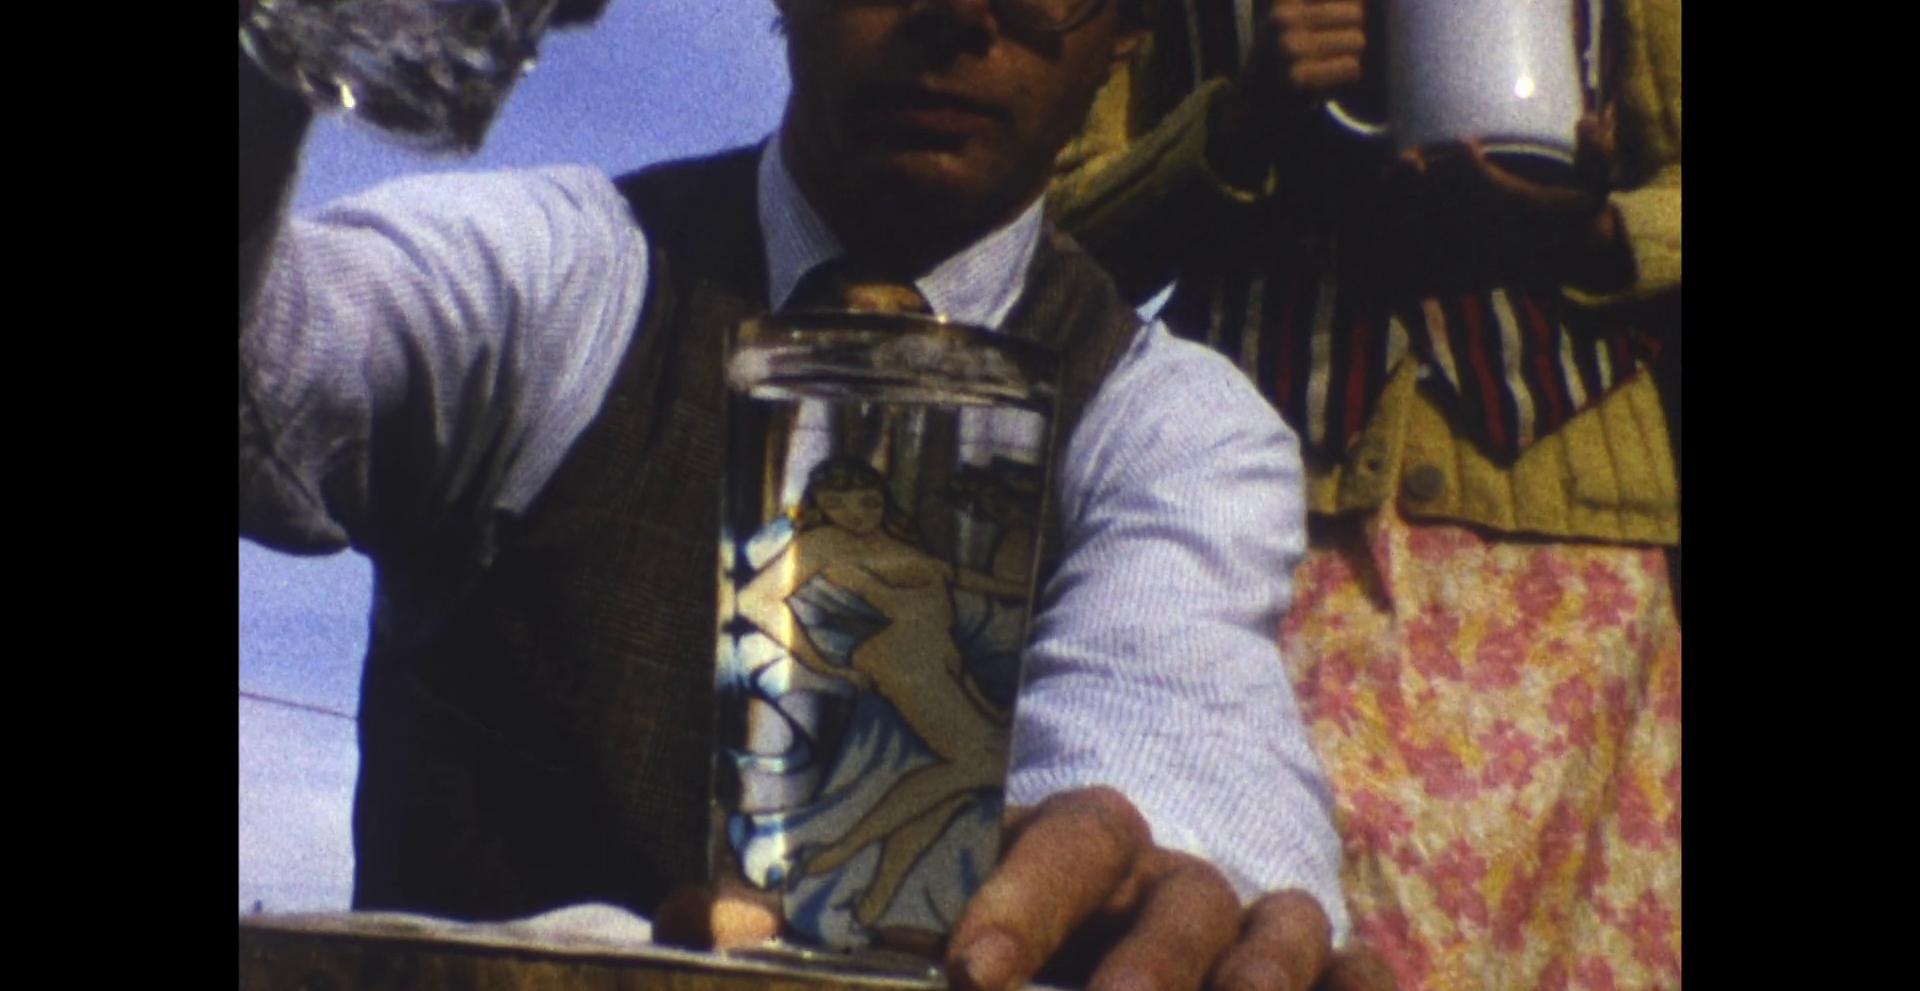 Cena do filme O Céu Socialista: Arredores e Outtakes em que aparece um homem, usando camisa social branca, colete e gravata, preenchendo um copo, com desenho de uma mulher nua, com água. Em segundo plano, está uma mulher de jaqueta amarela e saia florida segurando uma jarra branca.